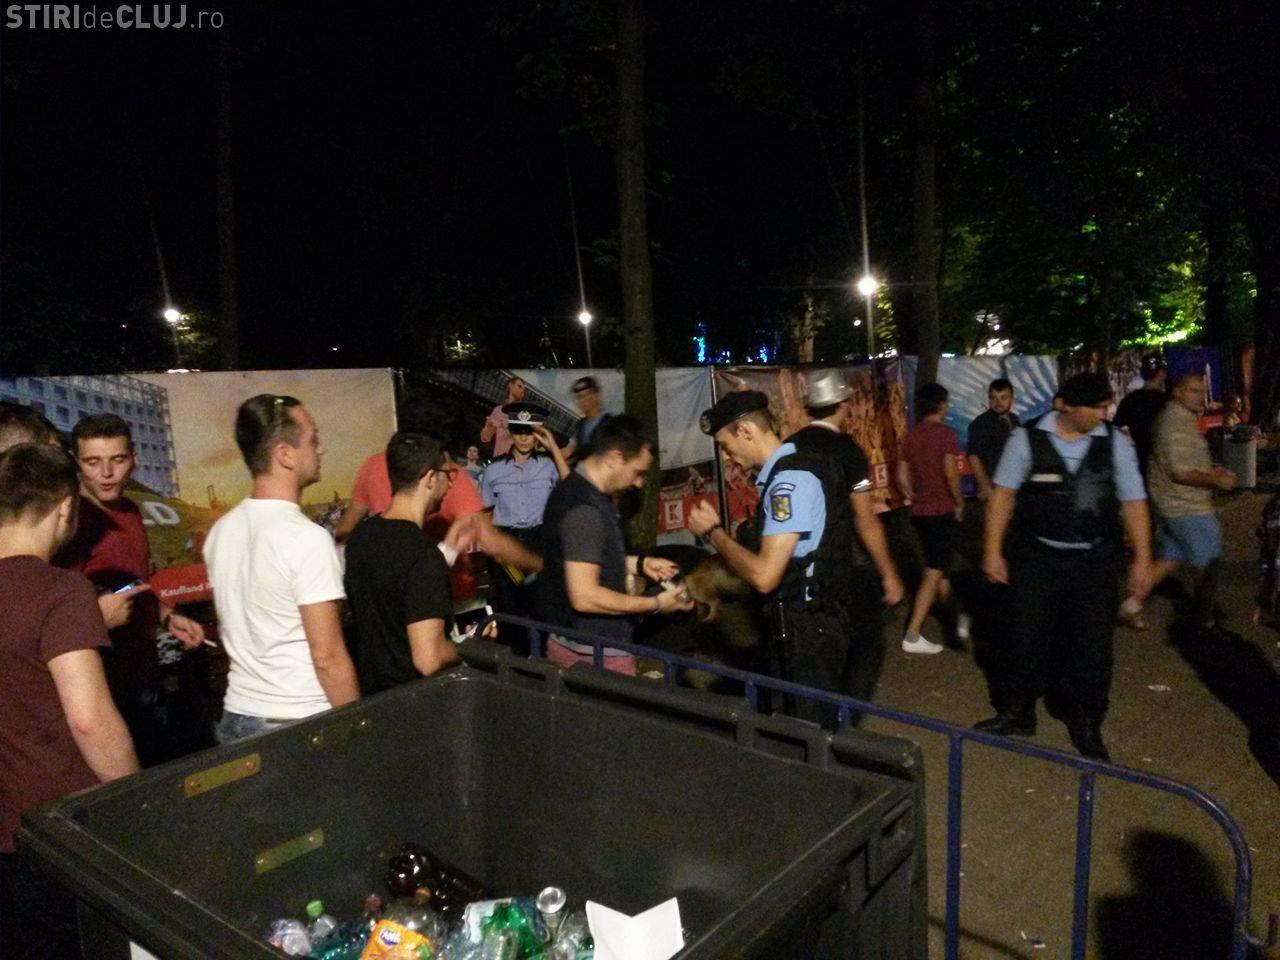 Cluj - Doi culturiști au bătut cinci polițiști și un jandarm, după UNTOLD. Procurorii nu i-au ARESTAT